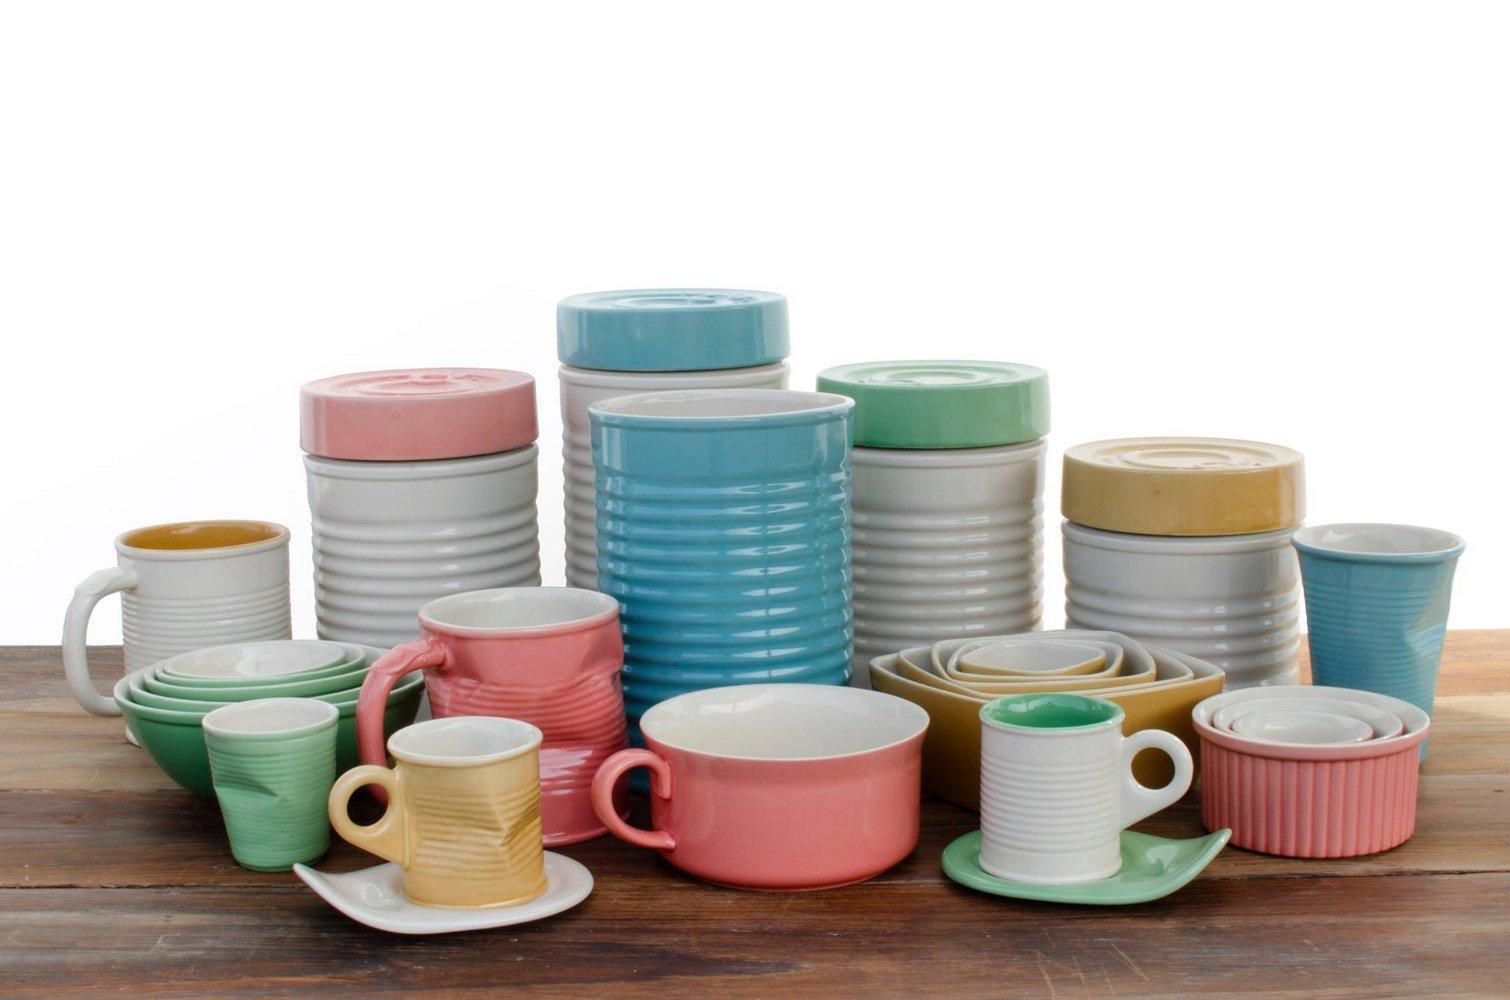 Новинки керамической посуды от Ceraflame 2014 года